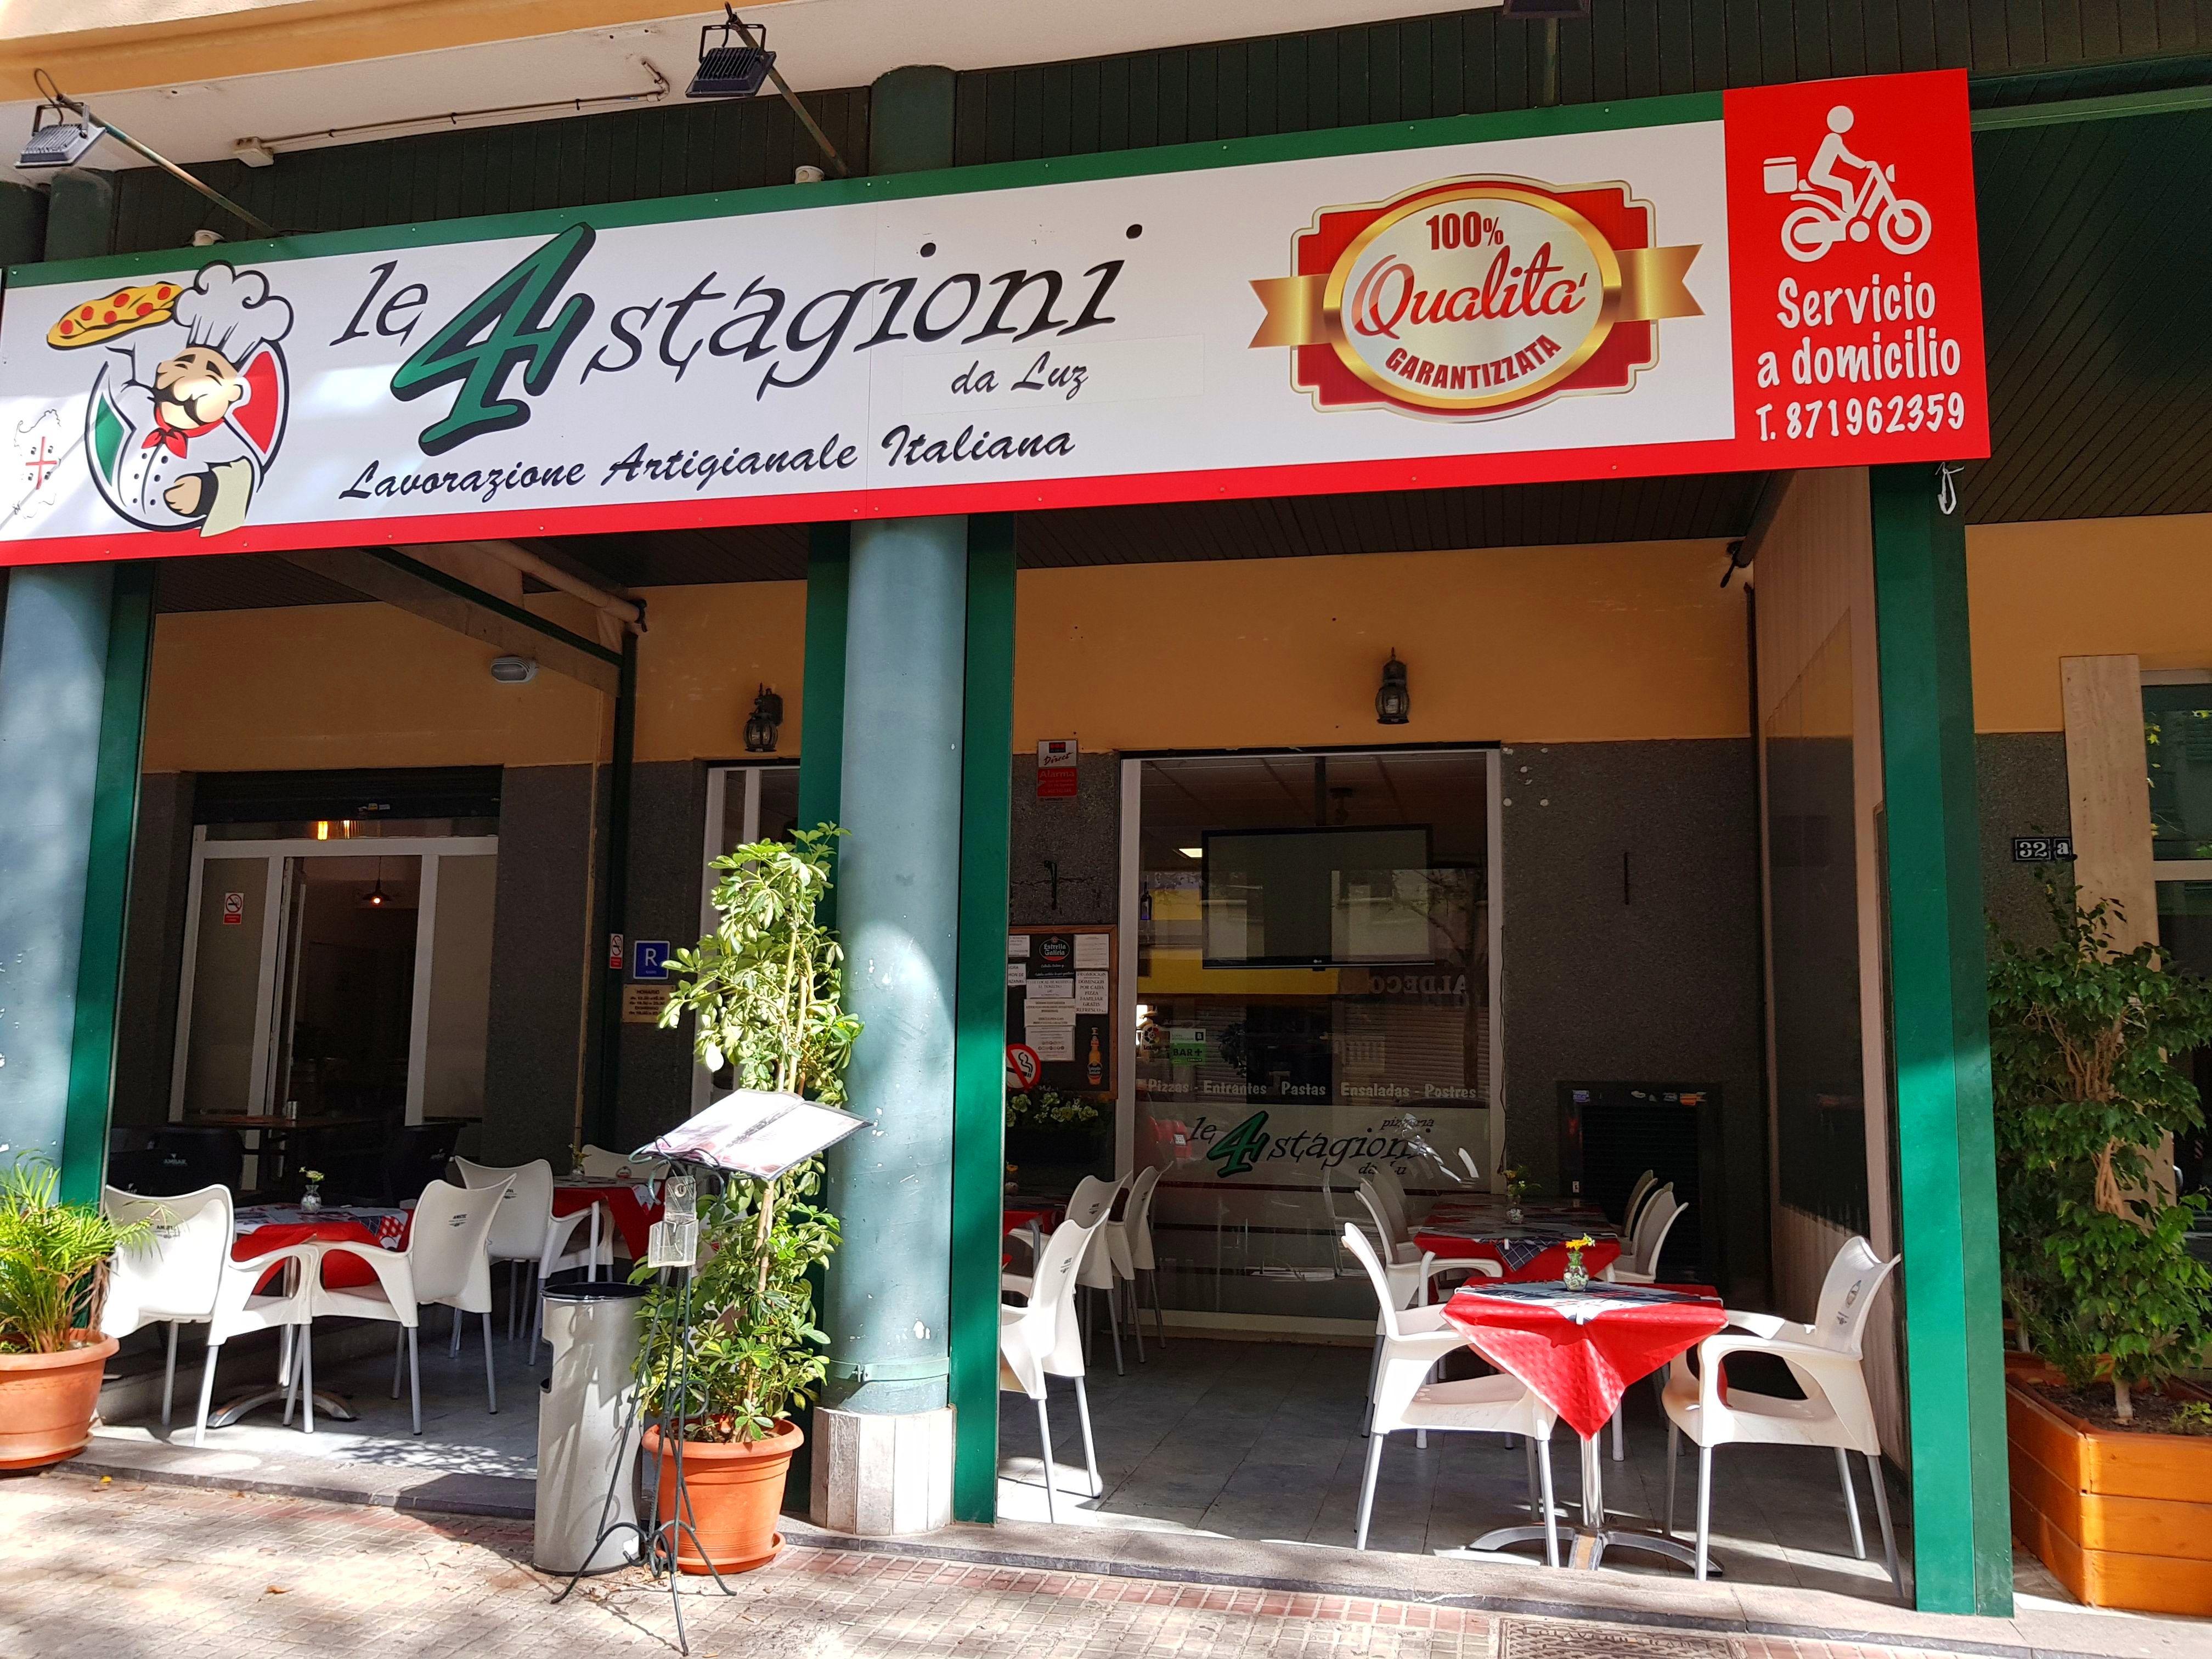 Foto 2 de Pizzería en Palma | Pizzería Le 4 Stagioni